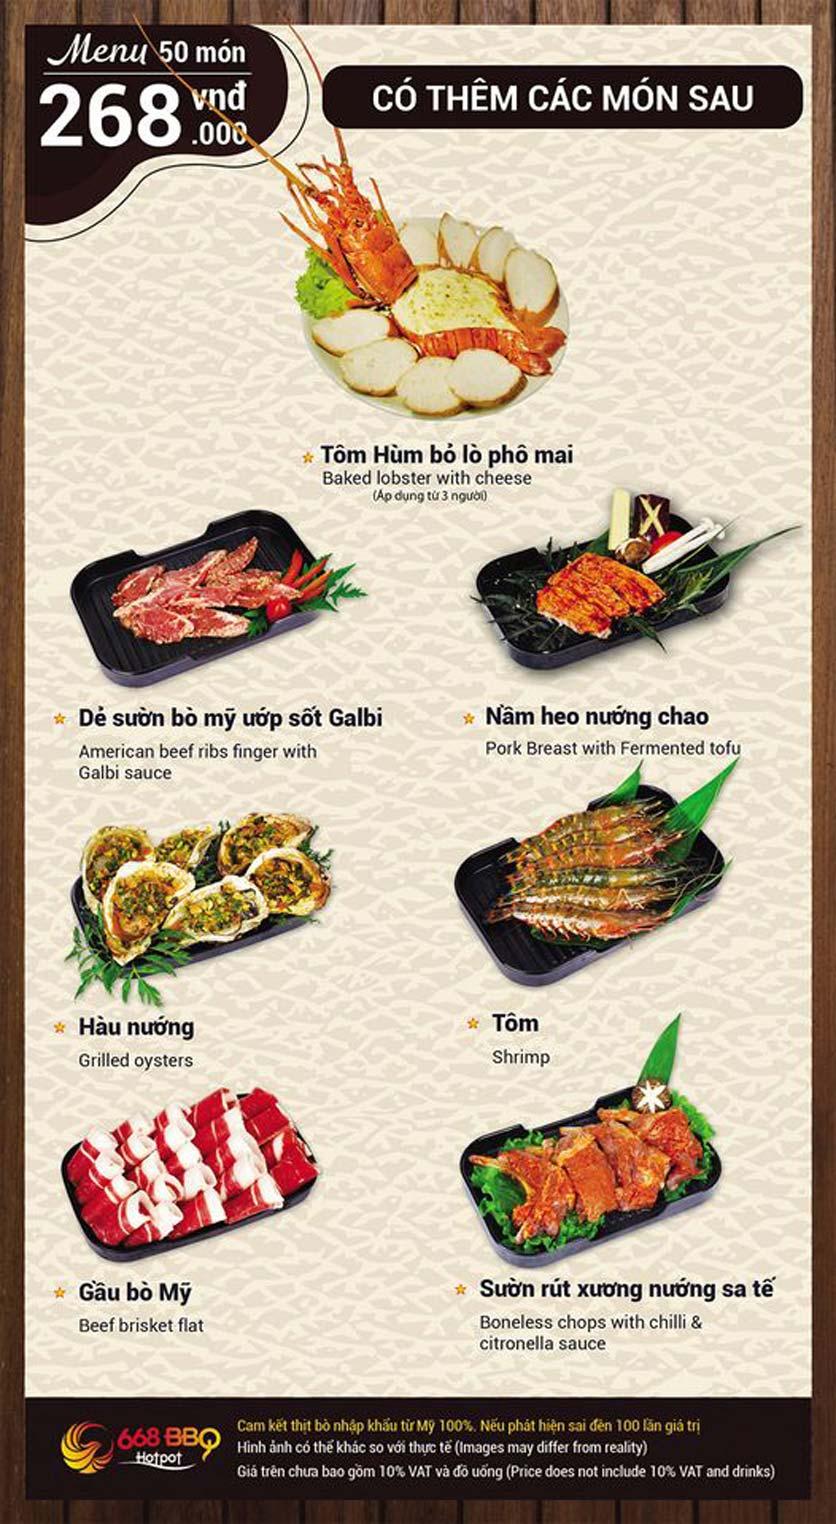 Menu 668 BBQ & hotpot - Lê Văn Lương 8